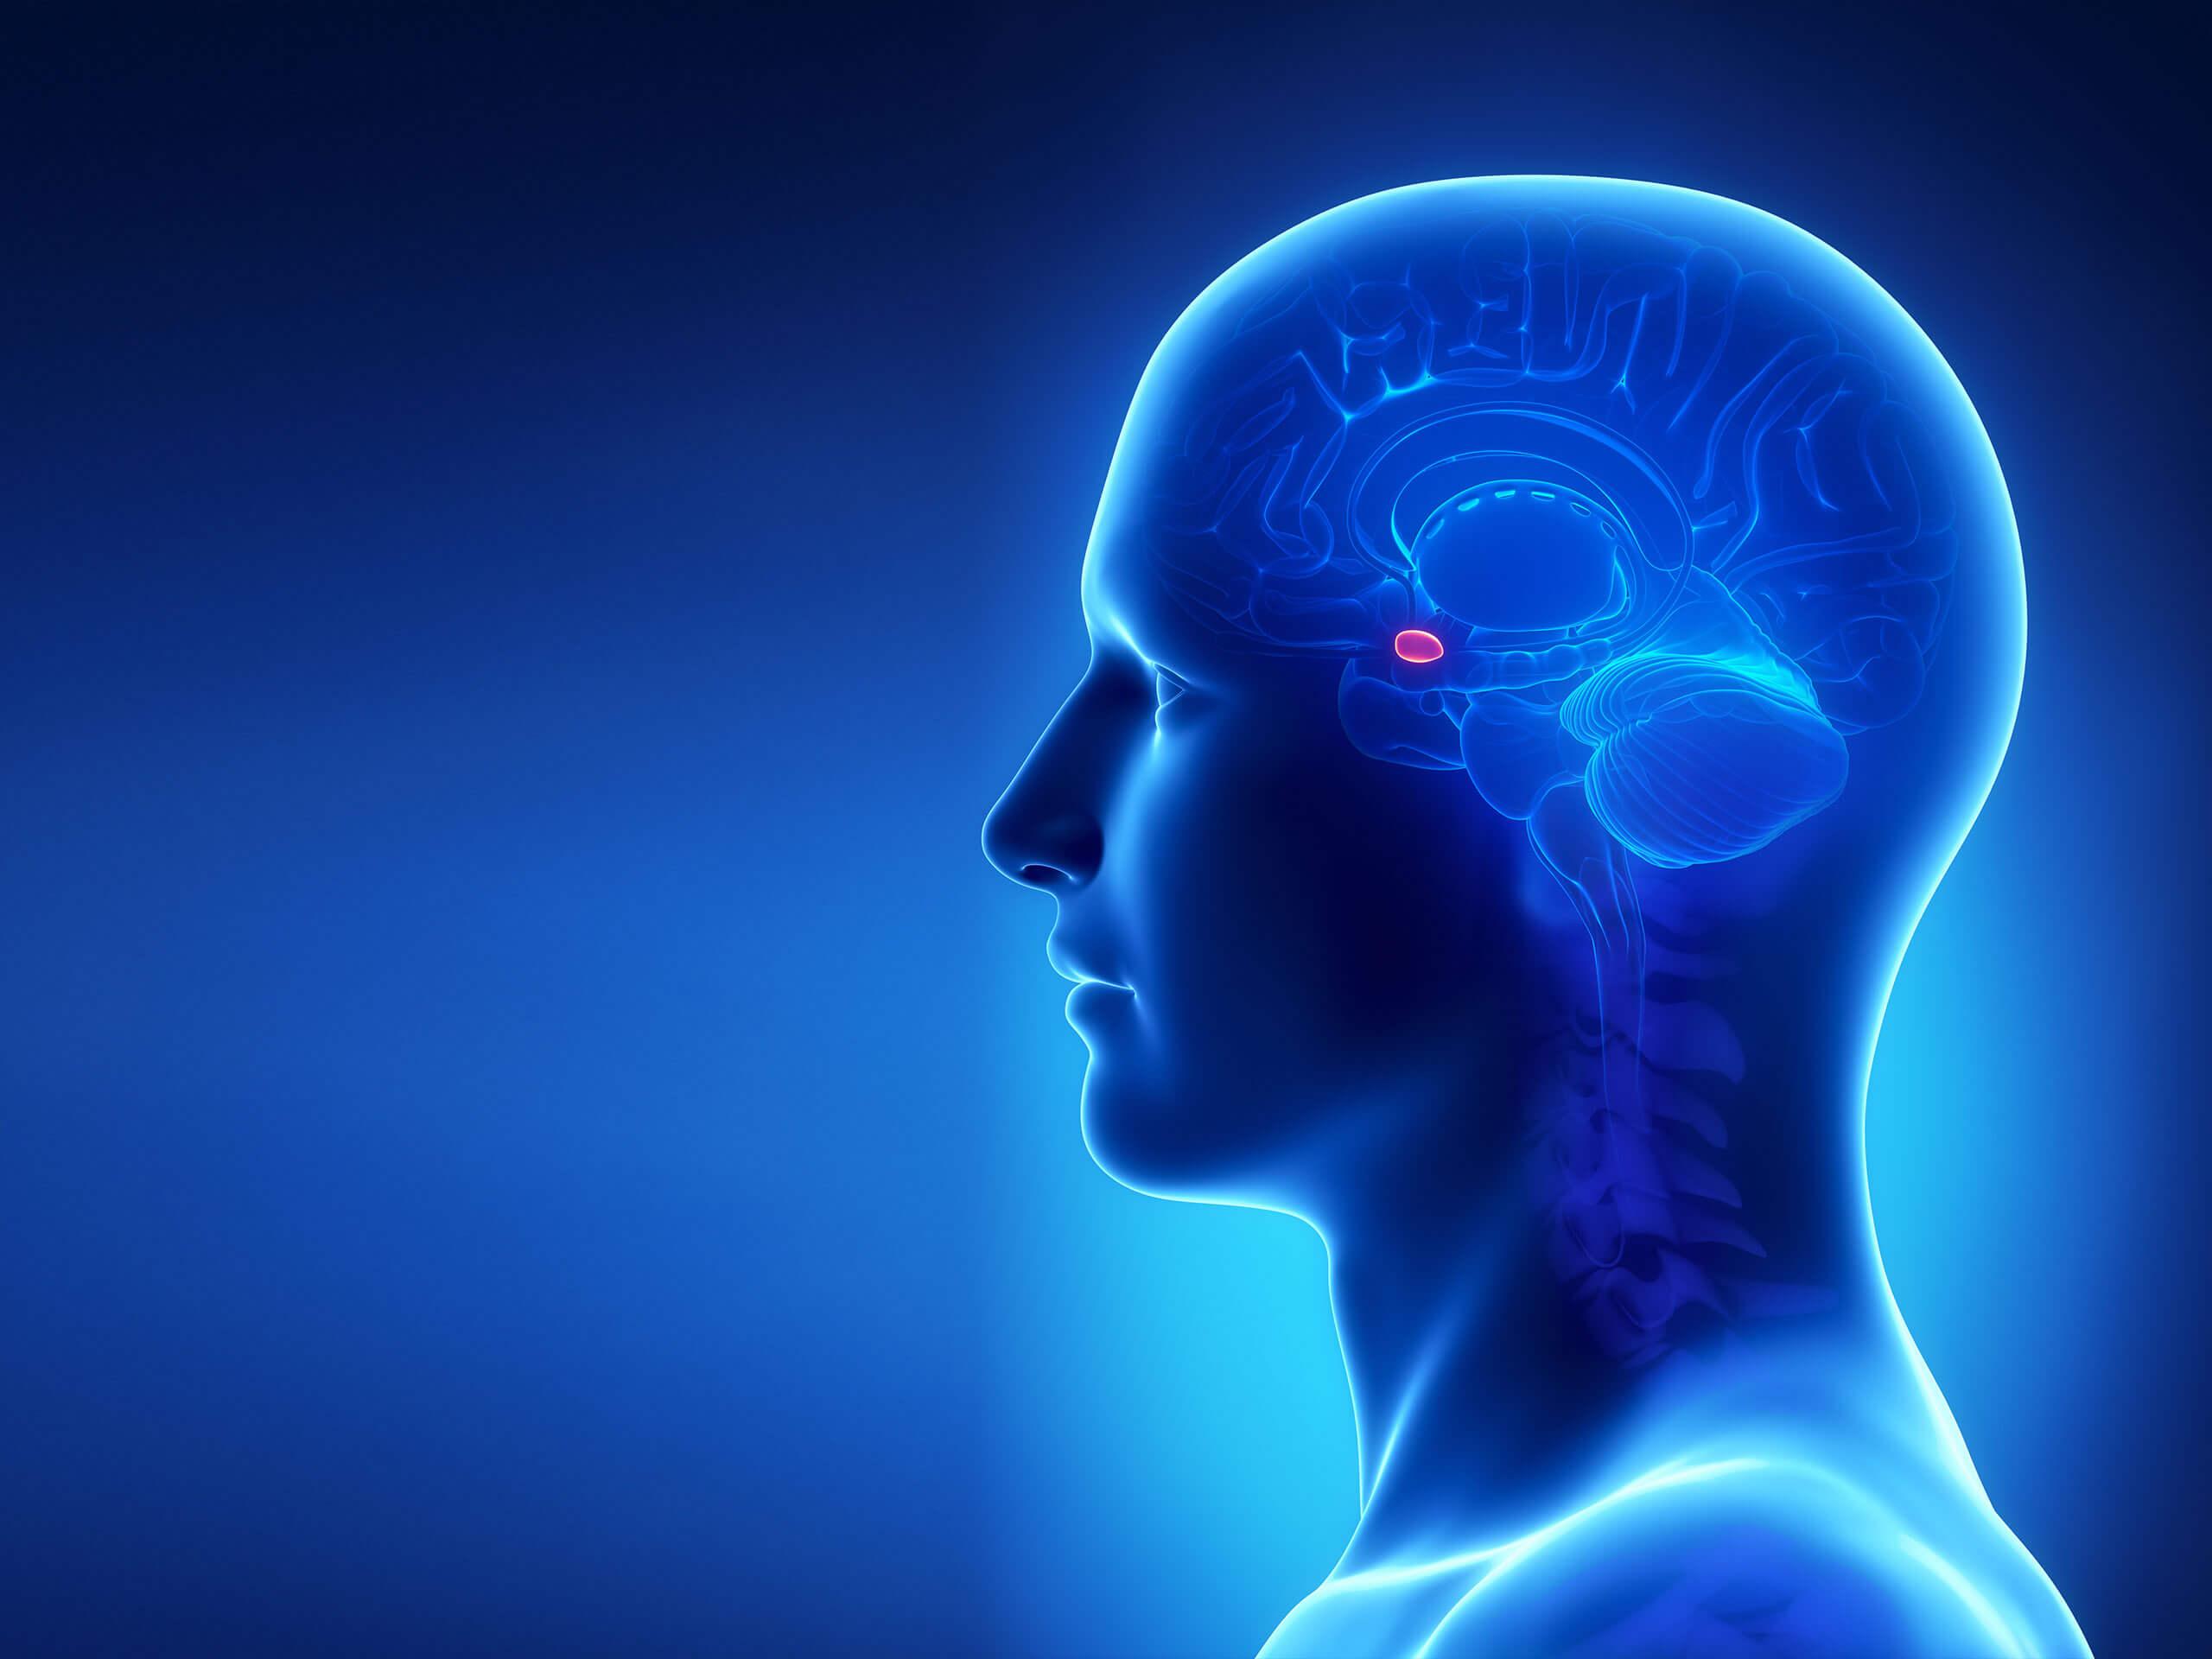 Le professeur Mathieu Piché s'intéresse plus particulièrement à l'amygdale, une petite structure du cerveau impliquée dans la douleur et les émotions.